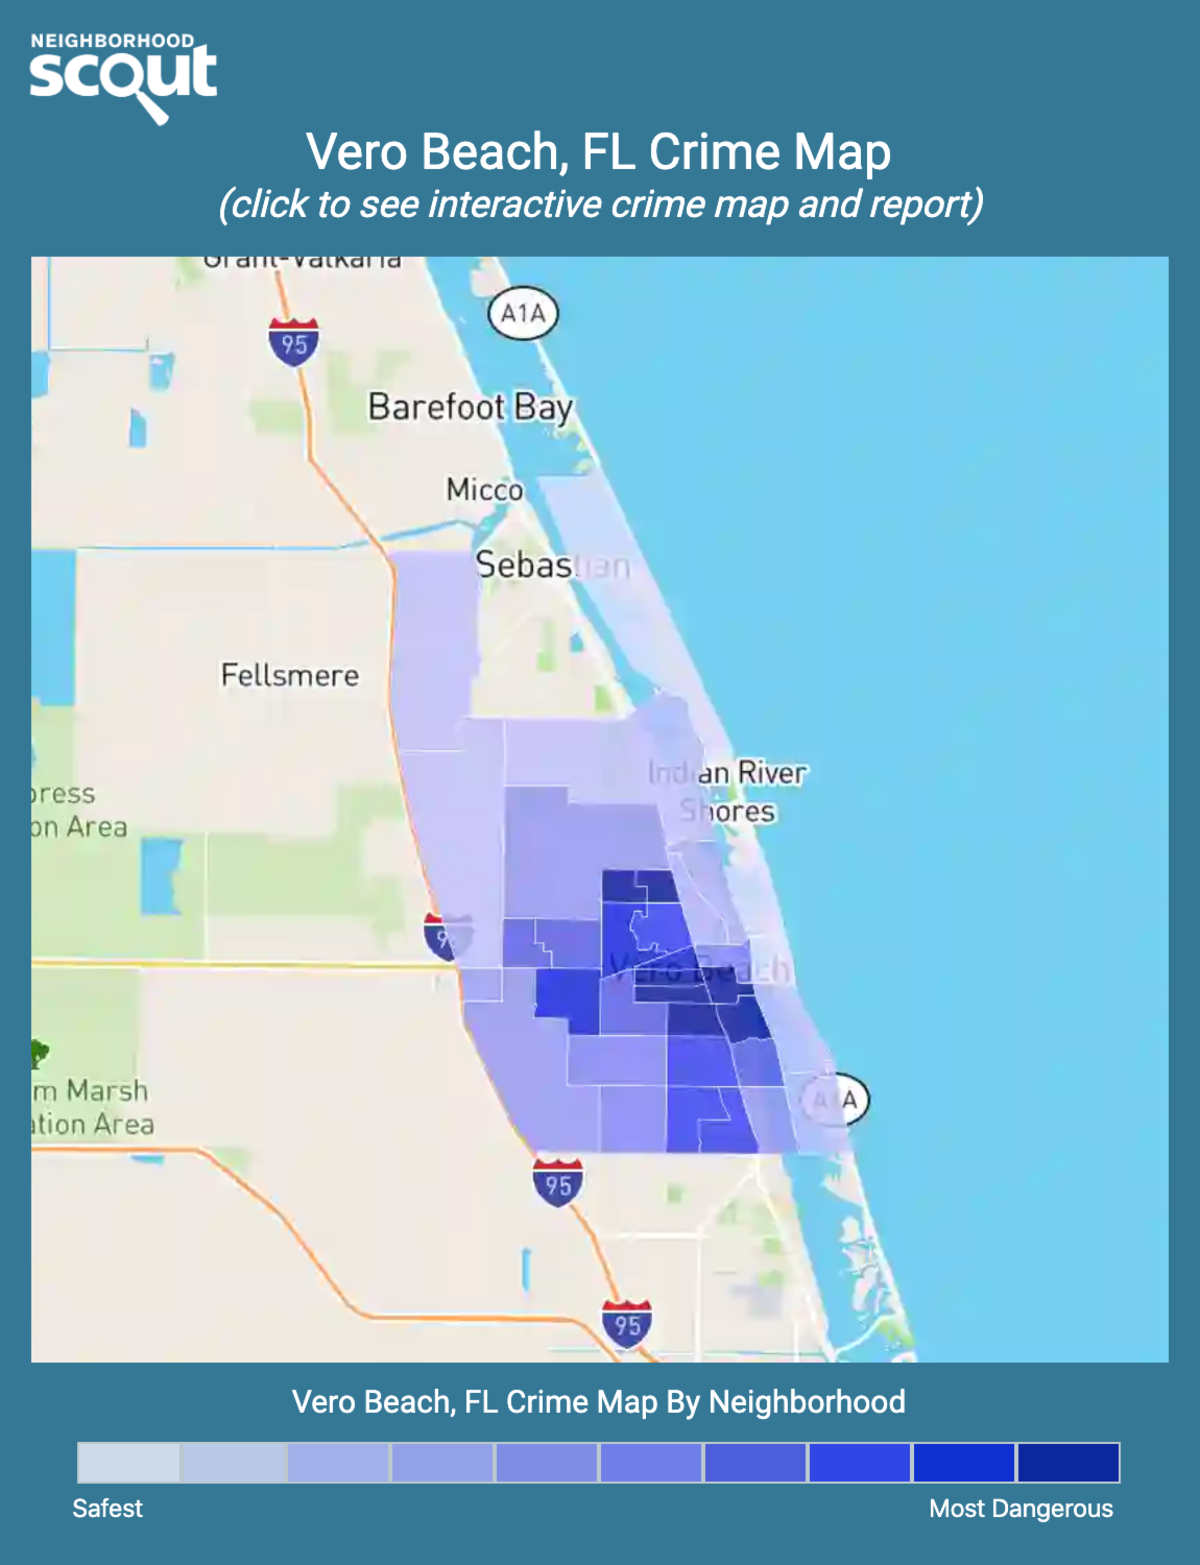 Vero Beach, Florida crime map